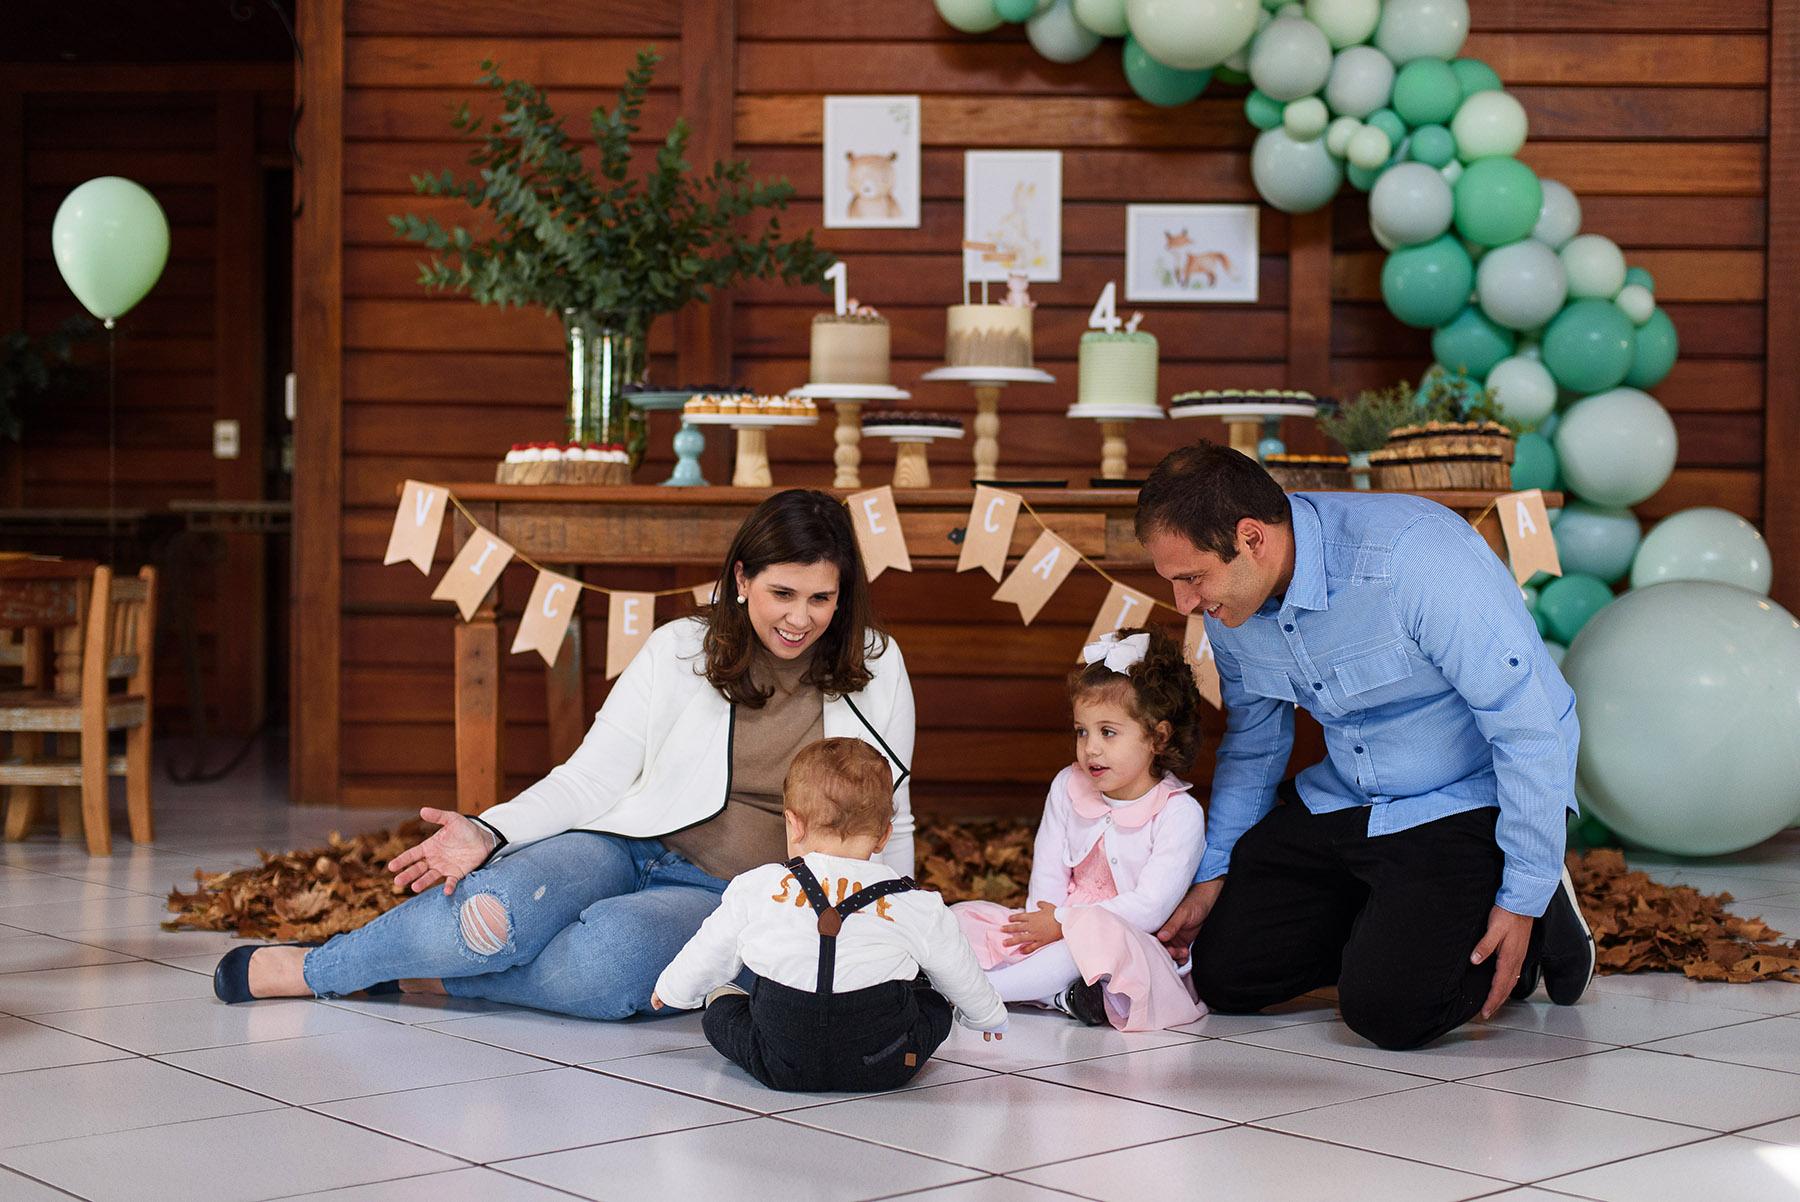 07-festa-infantil-dupla-ao-ar-livre-allegro-guswanderley.jpg